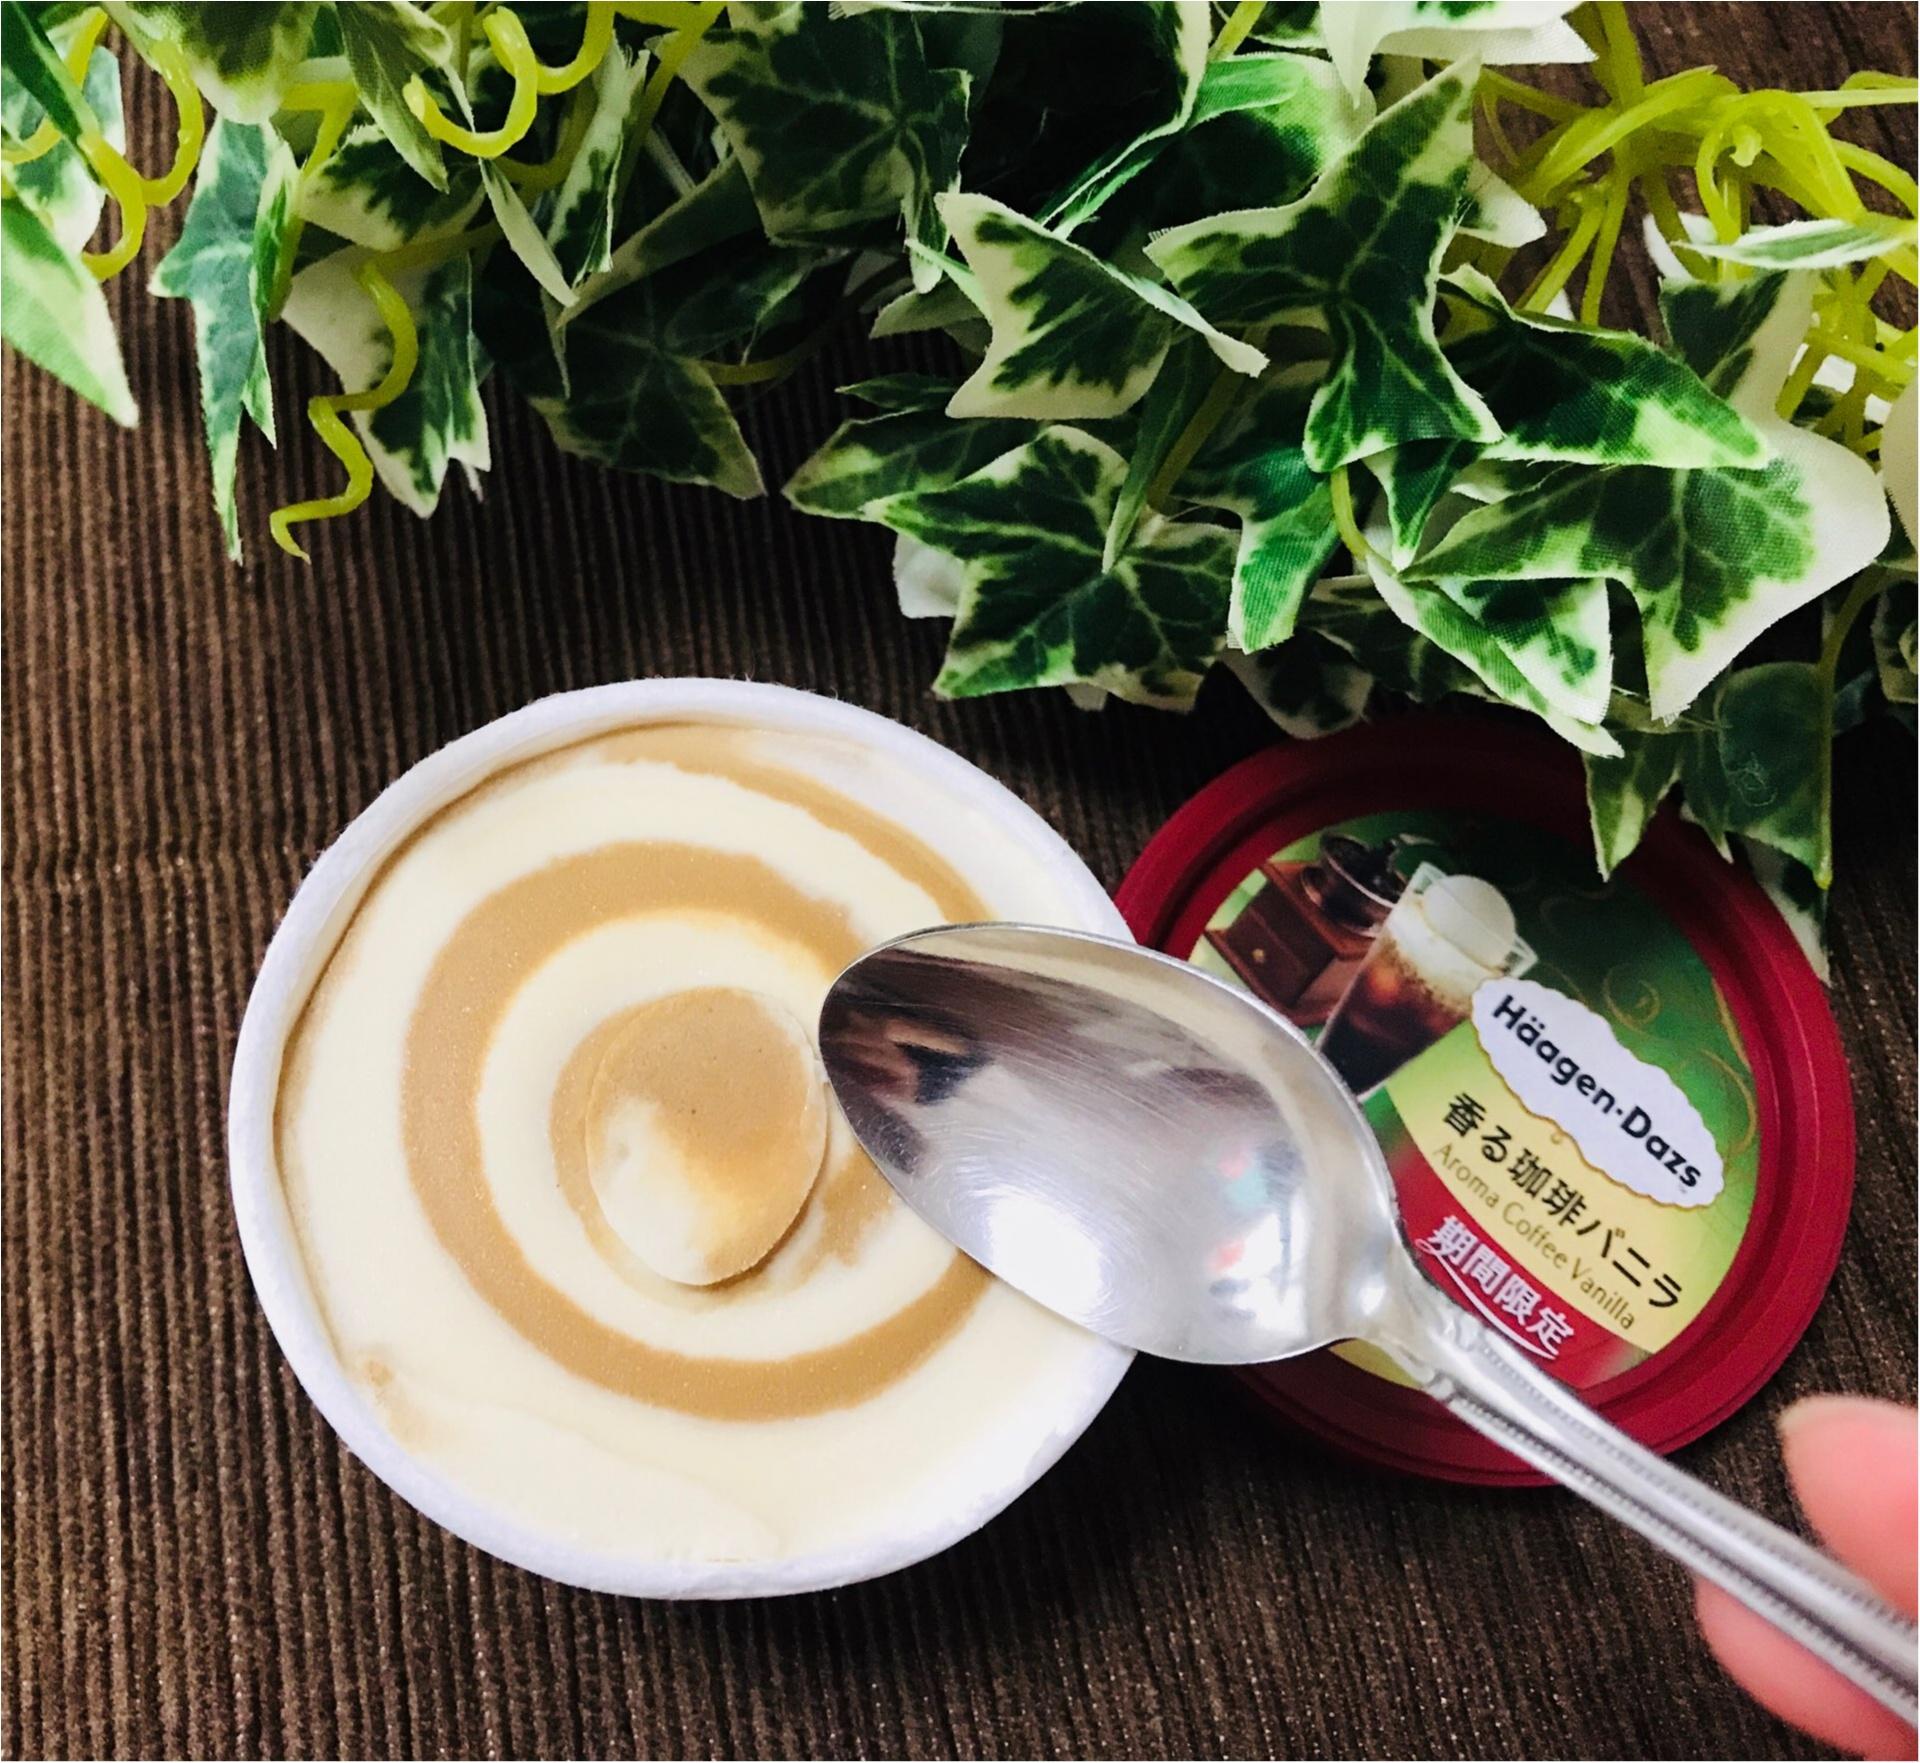 【ハーゲンダッツ】5月22日から期間限定発売★ちょっぴり大人な味わい《香る珈琲バニラ》が絶品♡♡コーヒー好きにはたまらない本格派アイス❤︎_2